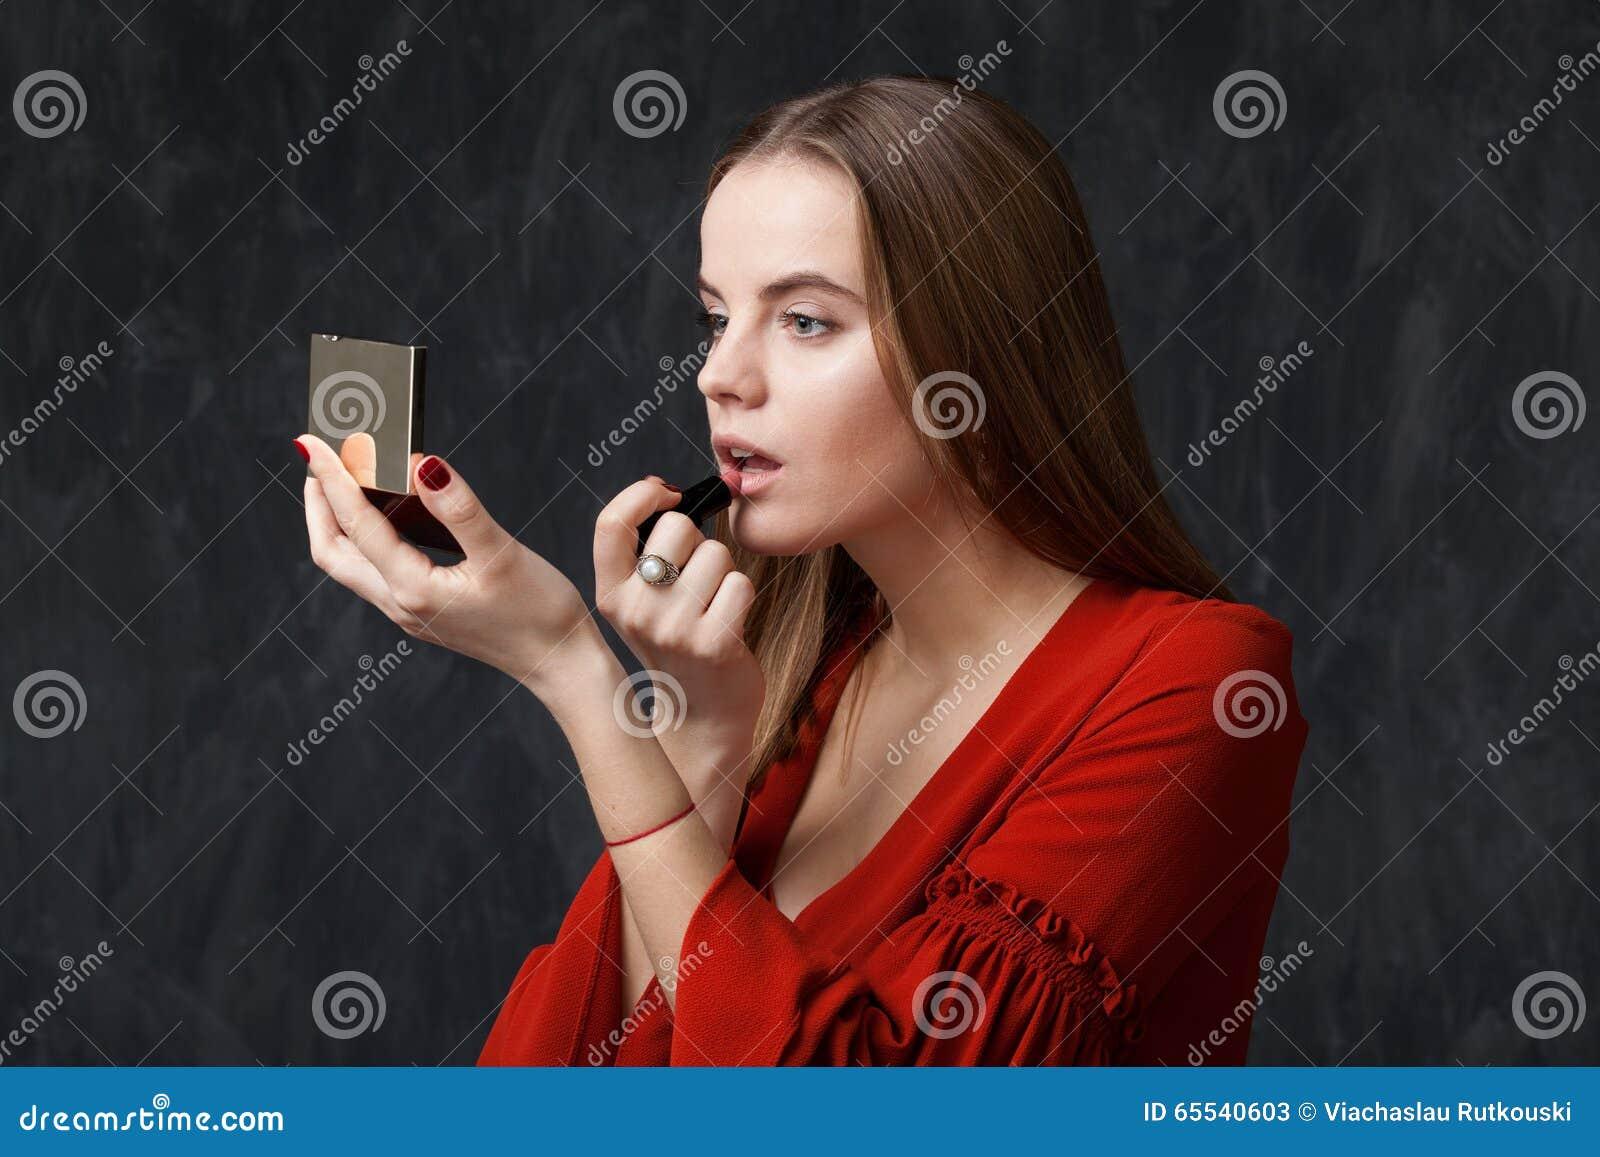 Donna che si applica rossetto che guarda dentro allo specchio fotografia stock immagine 65540603 - Bambini che si guardano allo specchio ...